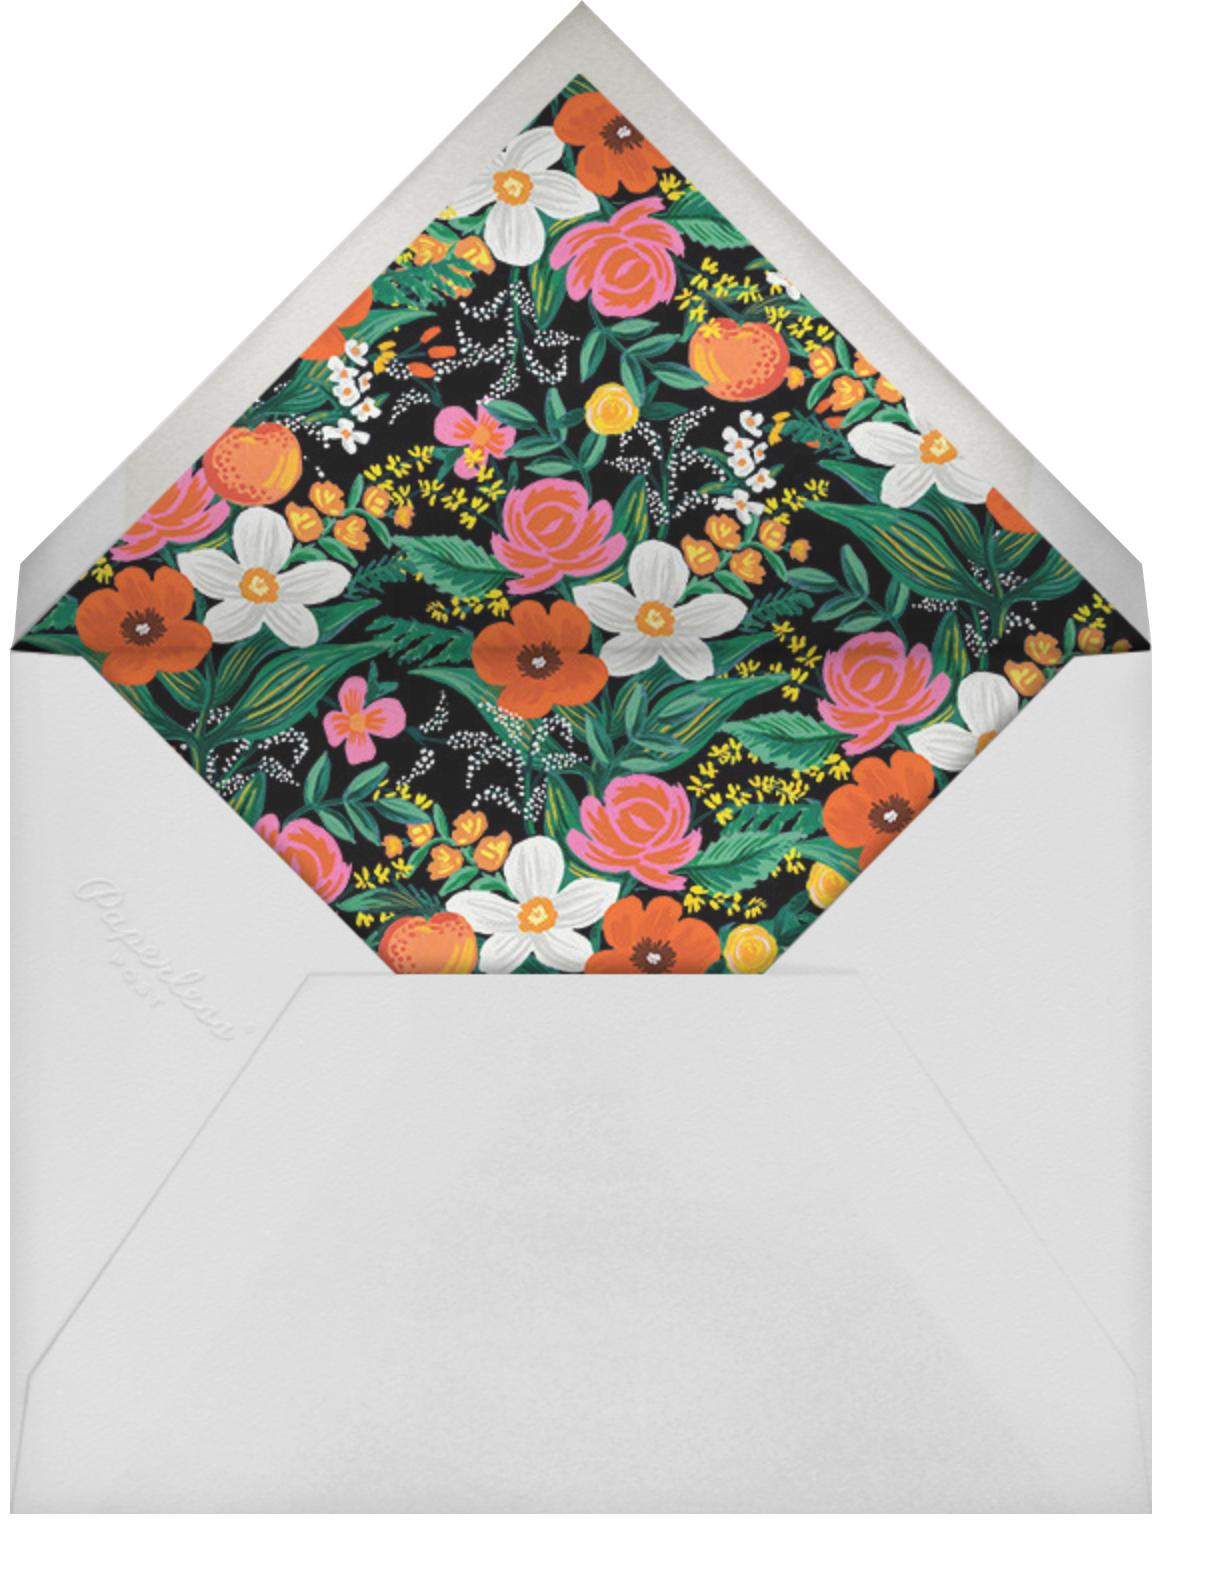 Orangerie (Square) - Black - Rifle Paper Co. - Graduation party - envelope back